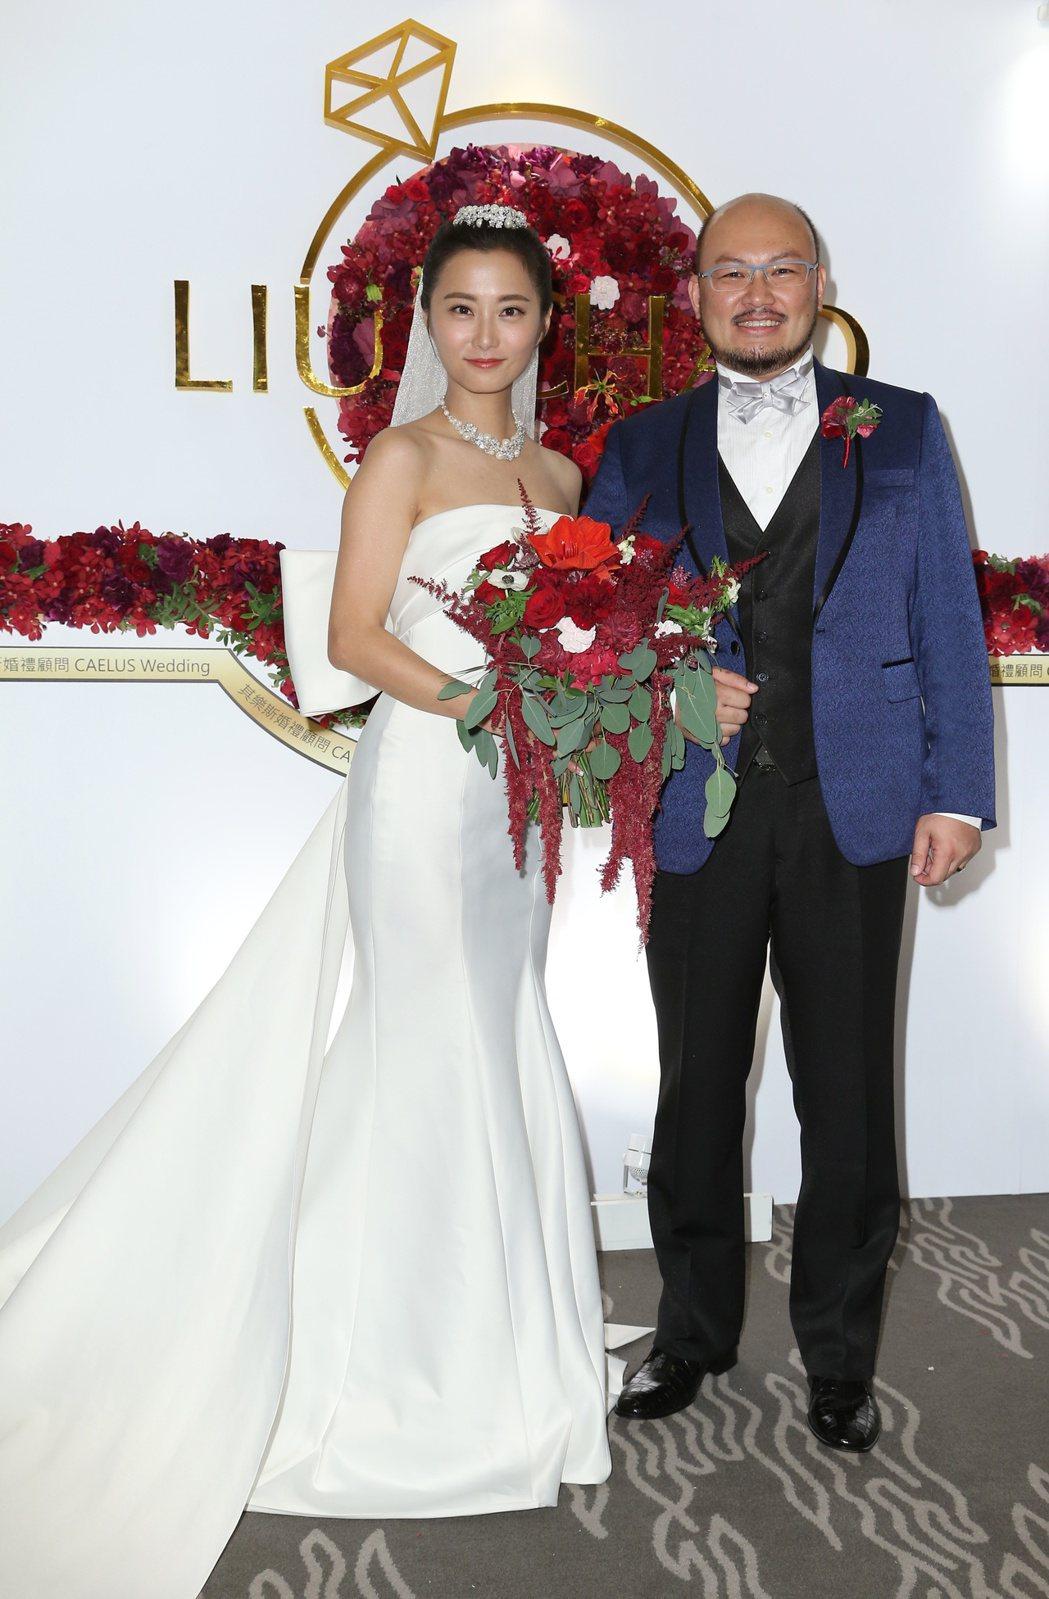 趙小僑(左)與劉亮佐(右)舉行婚宴。記者陳立凱/攝影